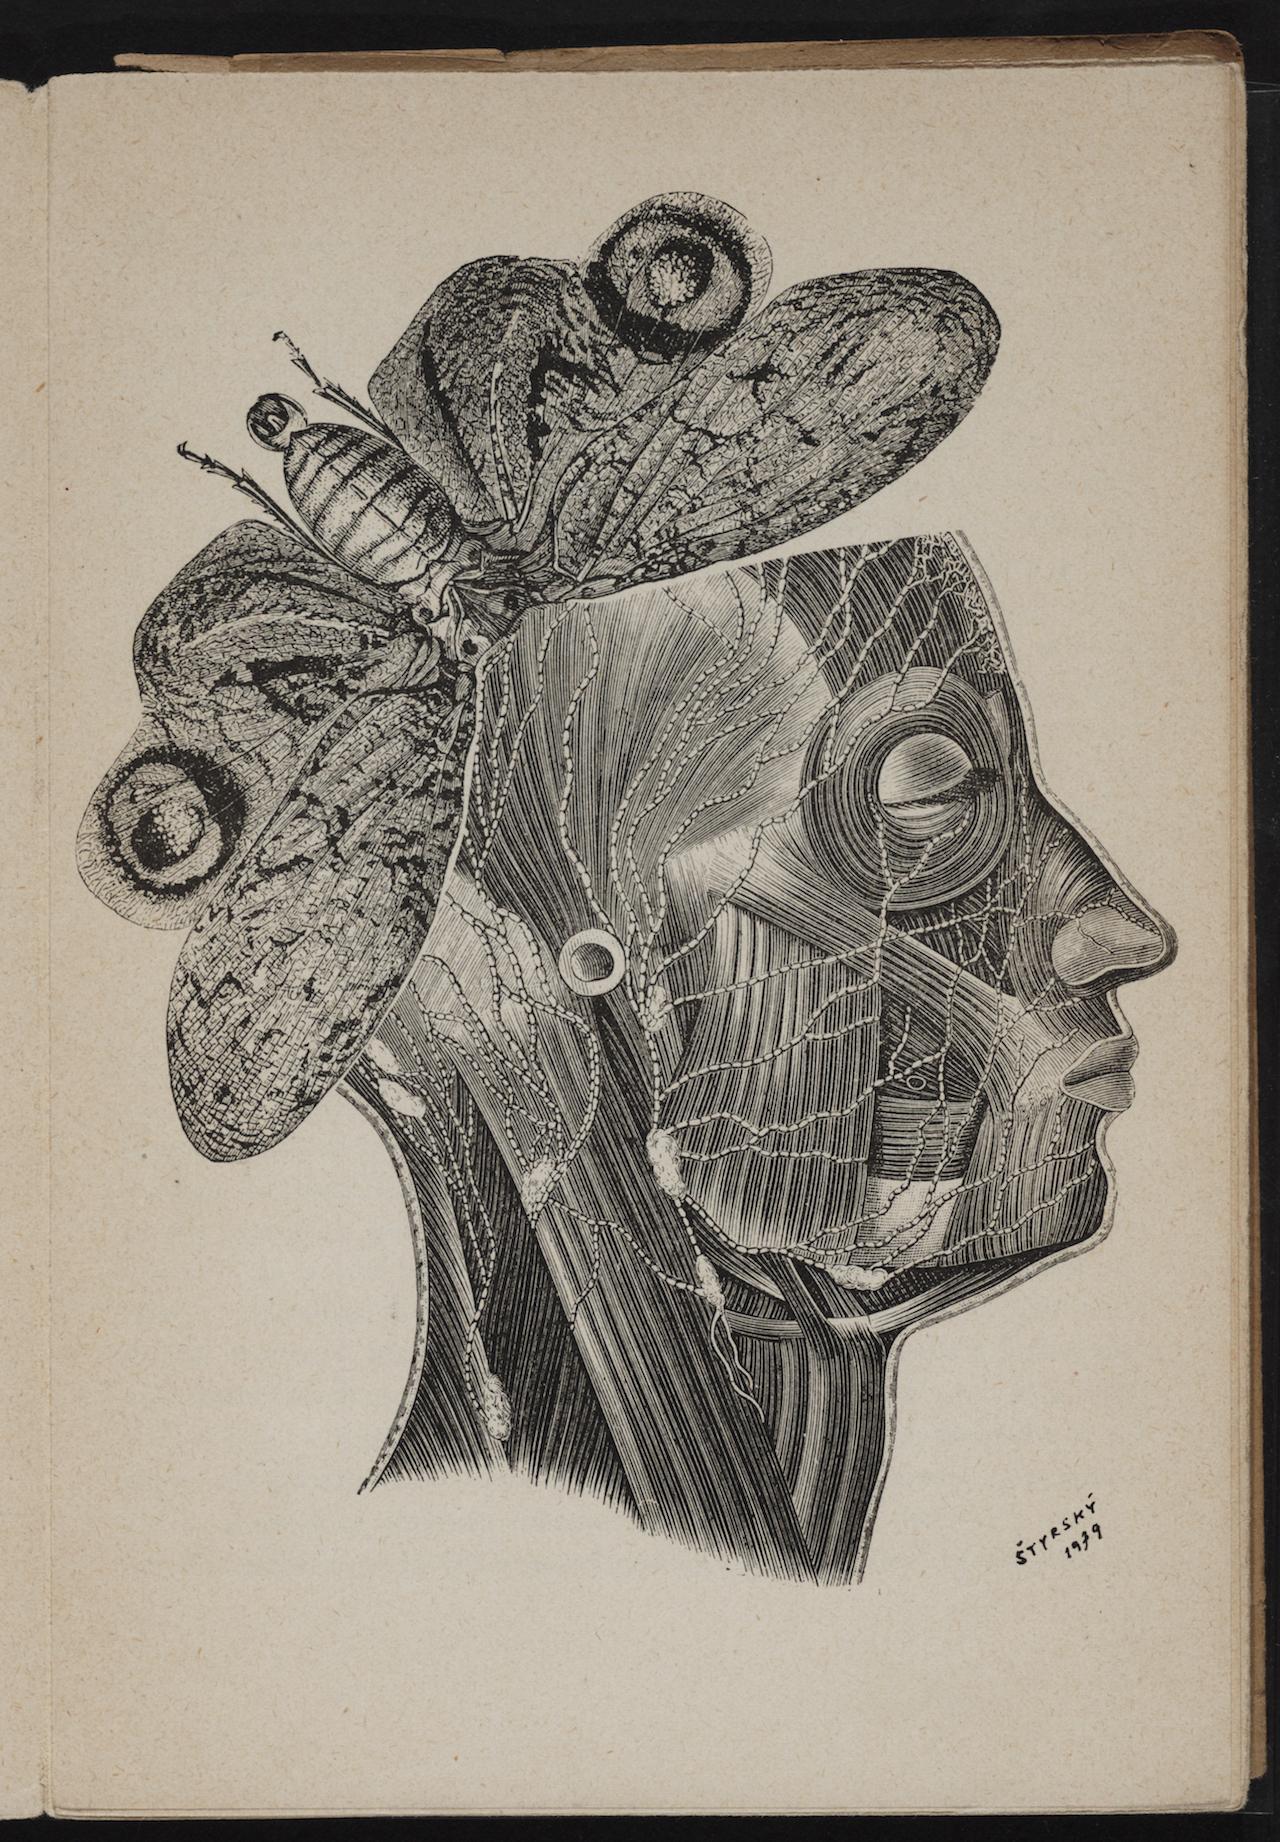 """Jindřich Štyrský, illustration for """"Zastřený profil"""" (1940) by Miloš Marten"""